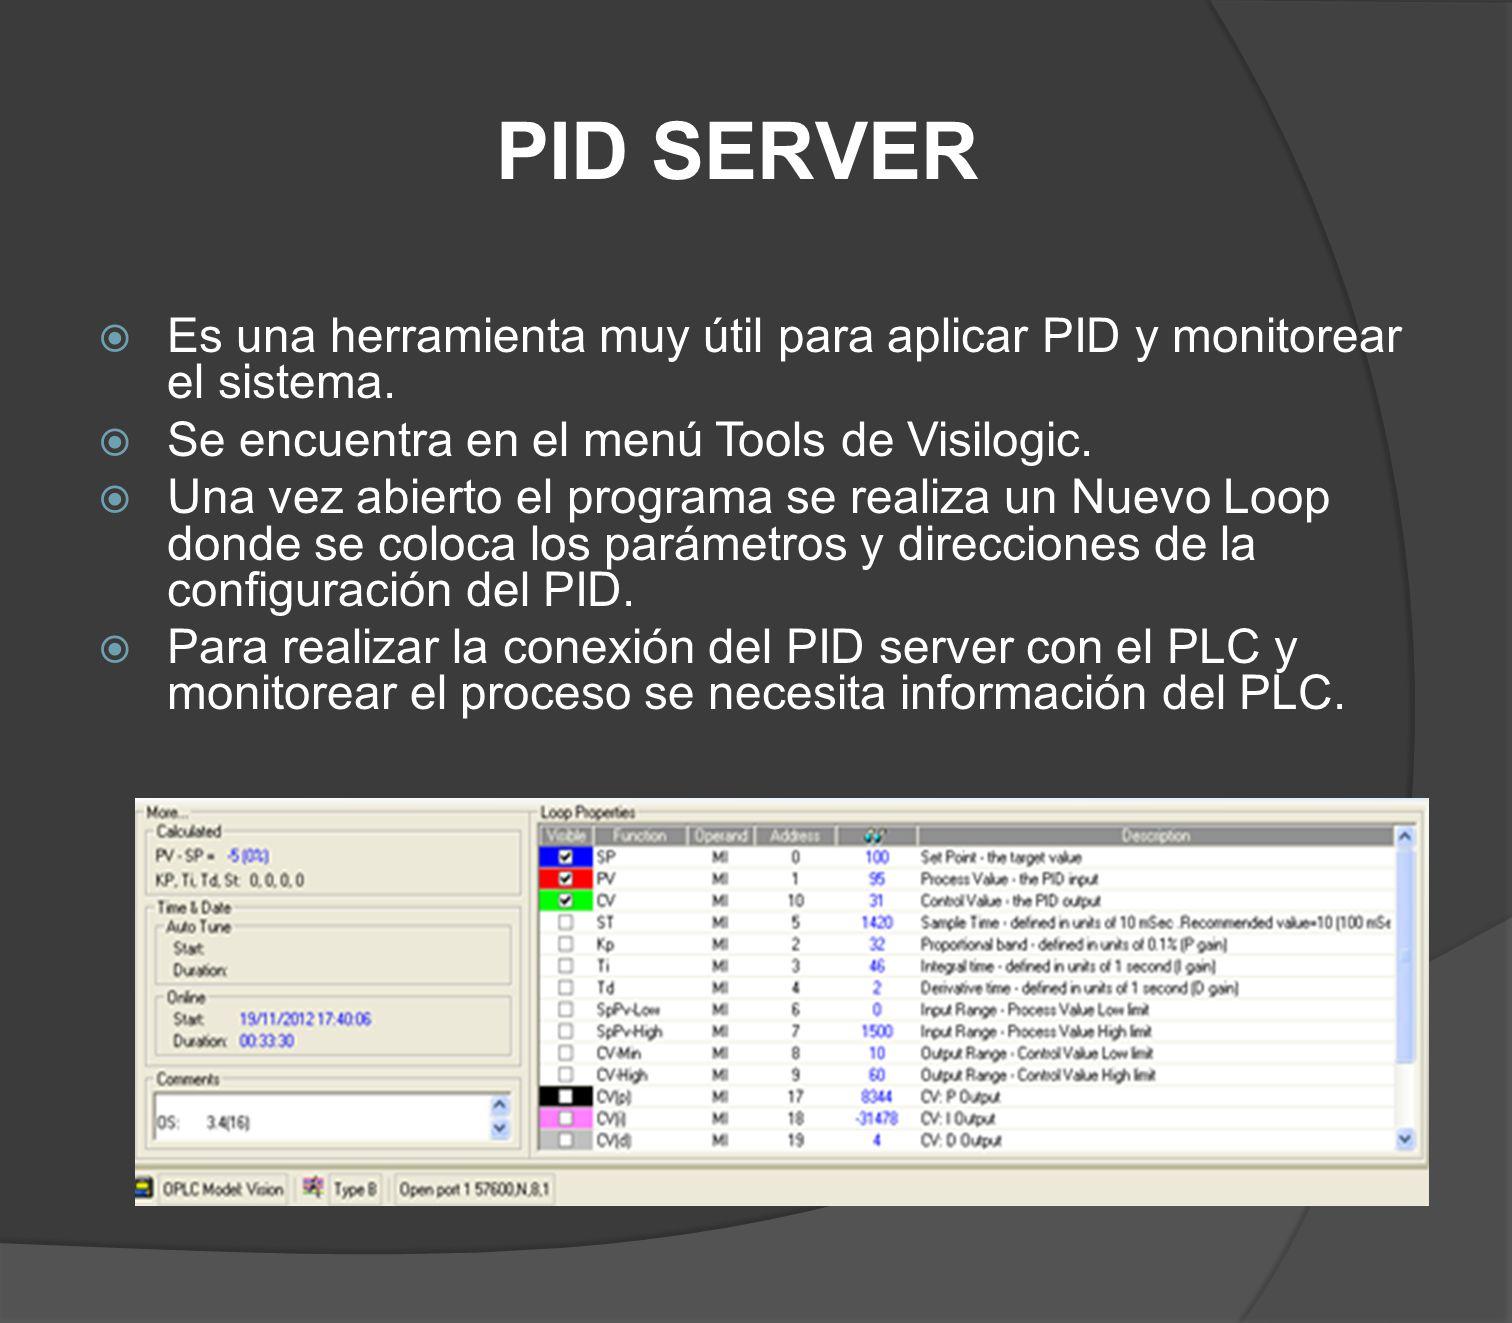 PID SERVER Es una herramienta muy útil para aplicar PID y monitorear el sistema. Se encuentra en el menú Tools de Visilogic. Una vez abierto el progra